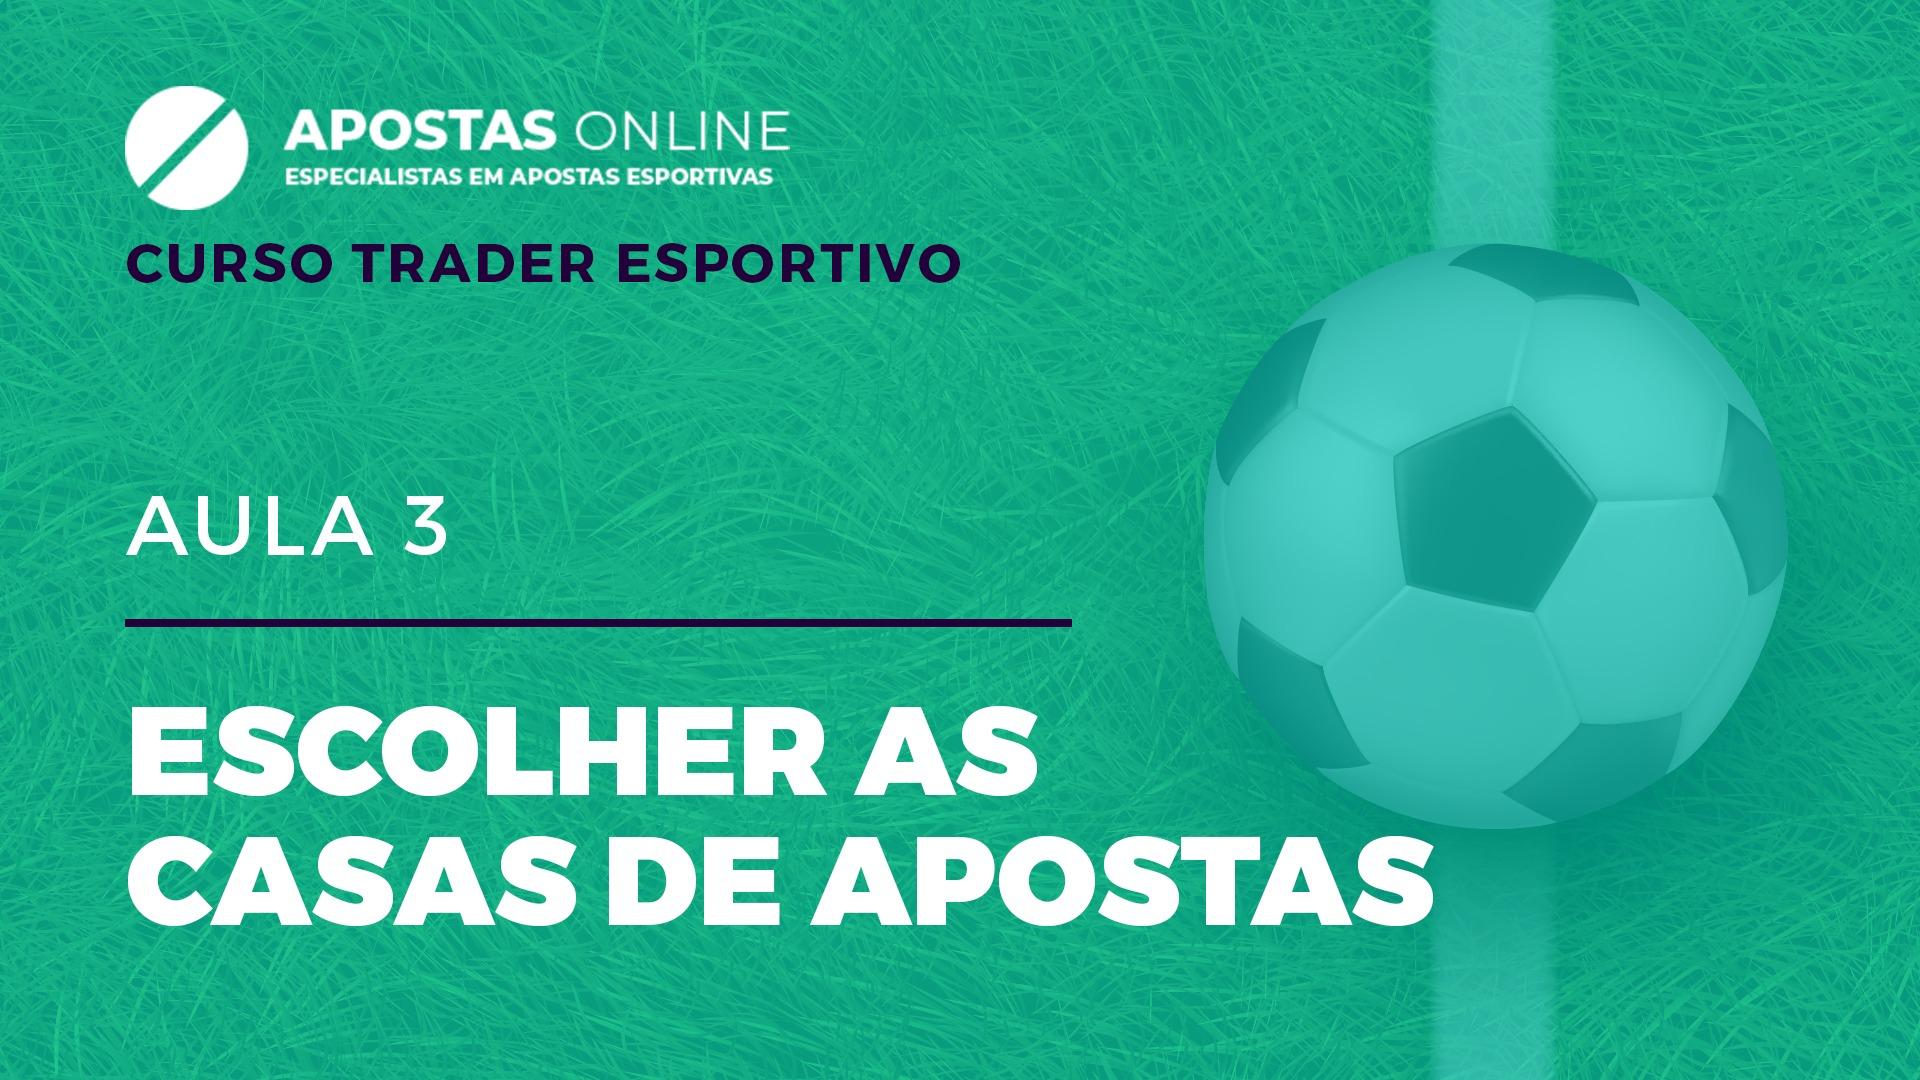 Curso Trader Esportivo: Escolher as casas de apostas | Aula 3